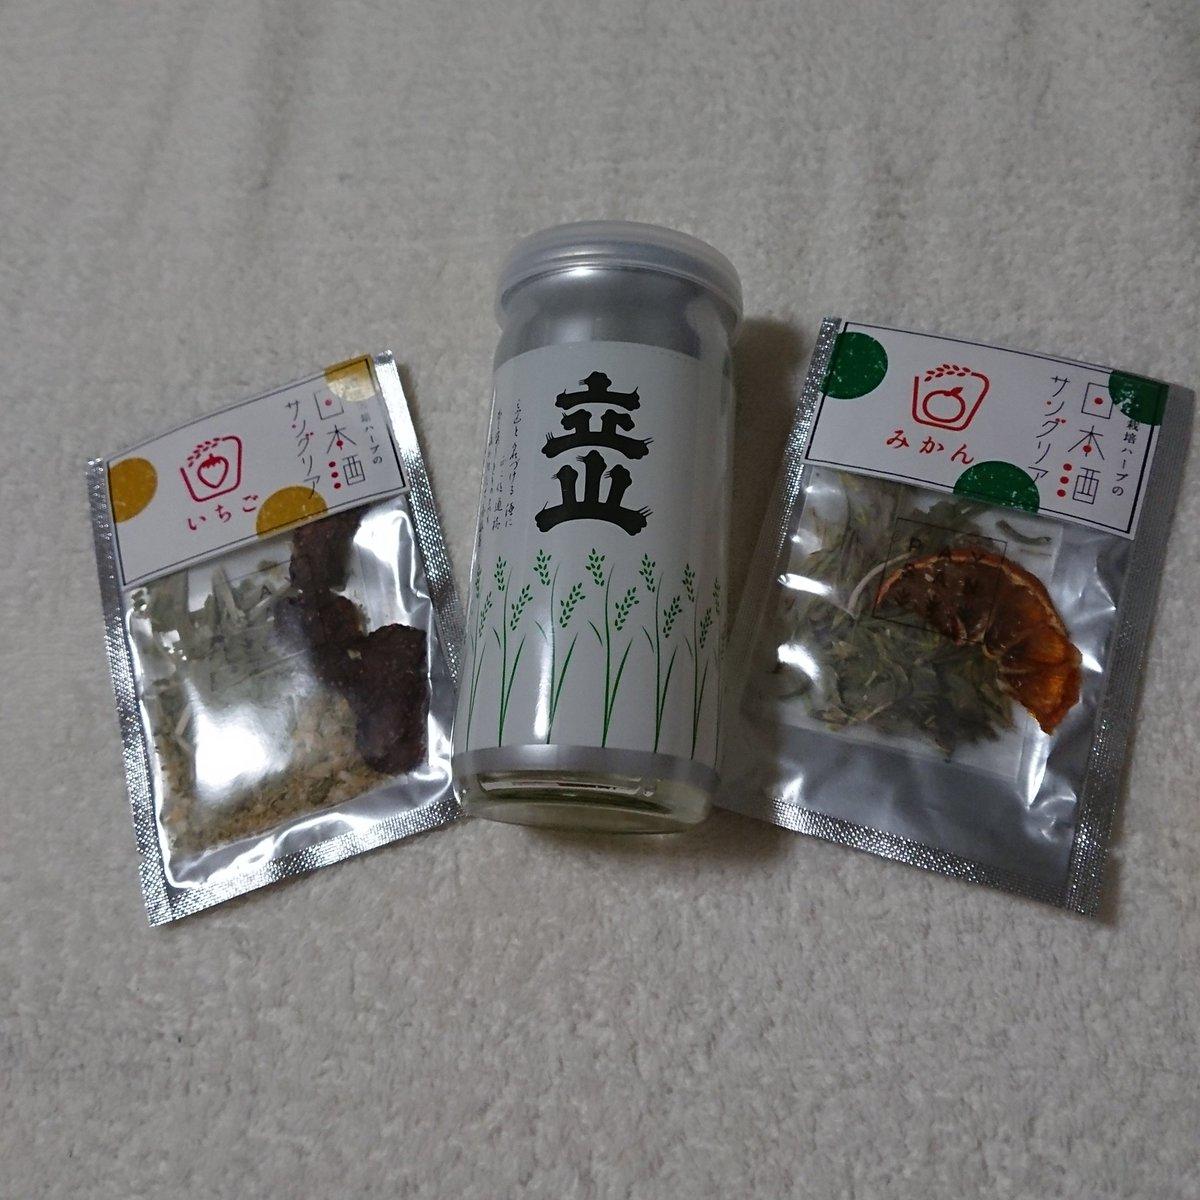 test ツイッターメディア - 日本酒サングリア用に日本酒買ってきた。どうなるかな〜。 立山とか萬歳楽とか手取川がクセ無くて合うイメージ。 https://t.co/B50vFSwvmx